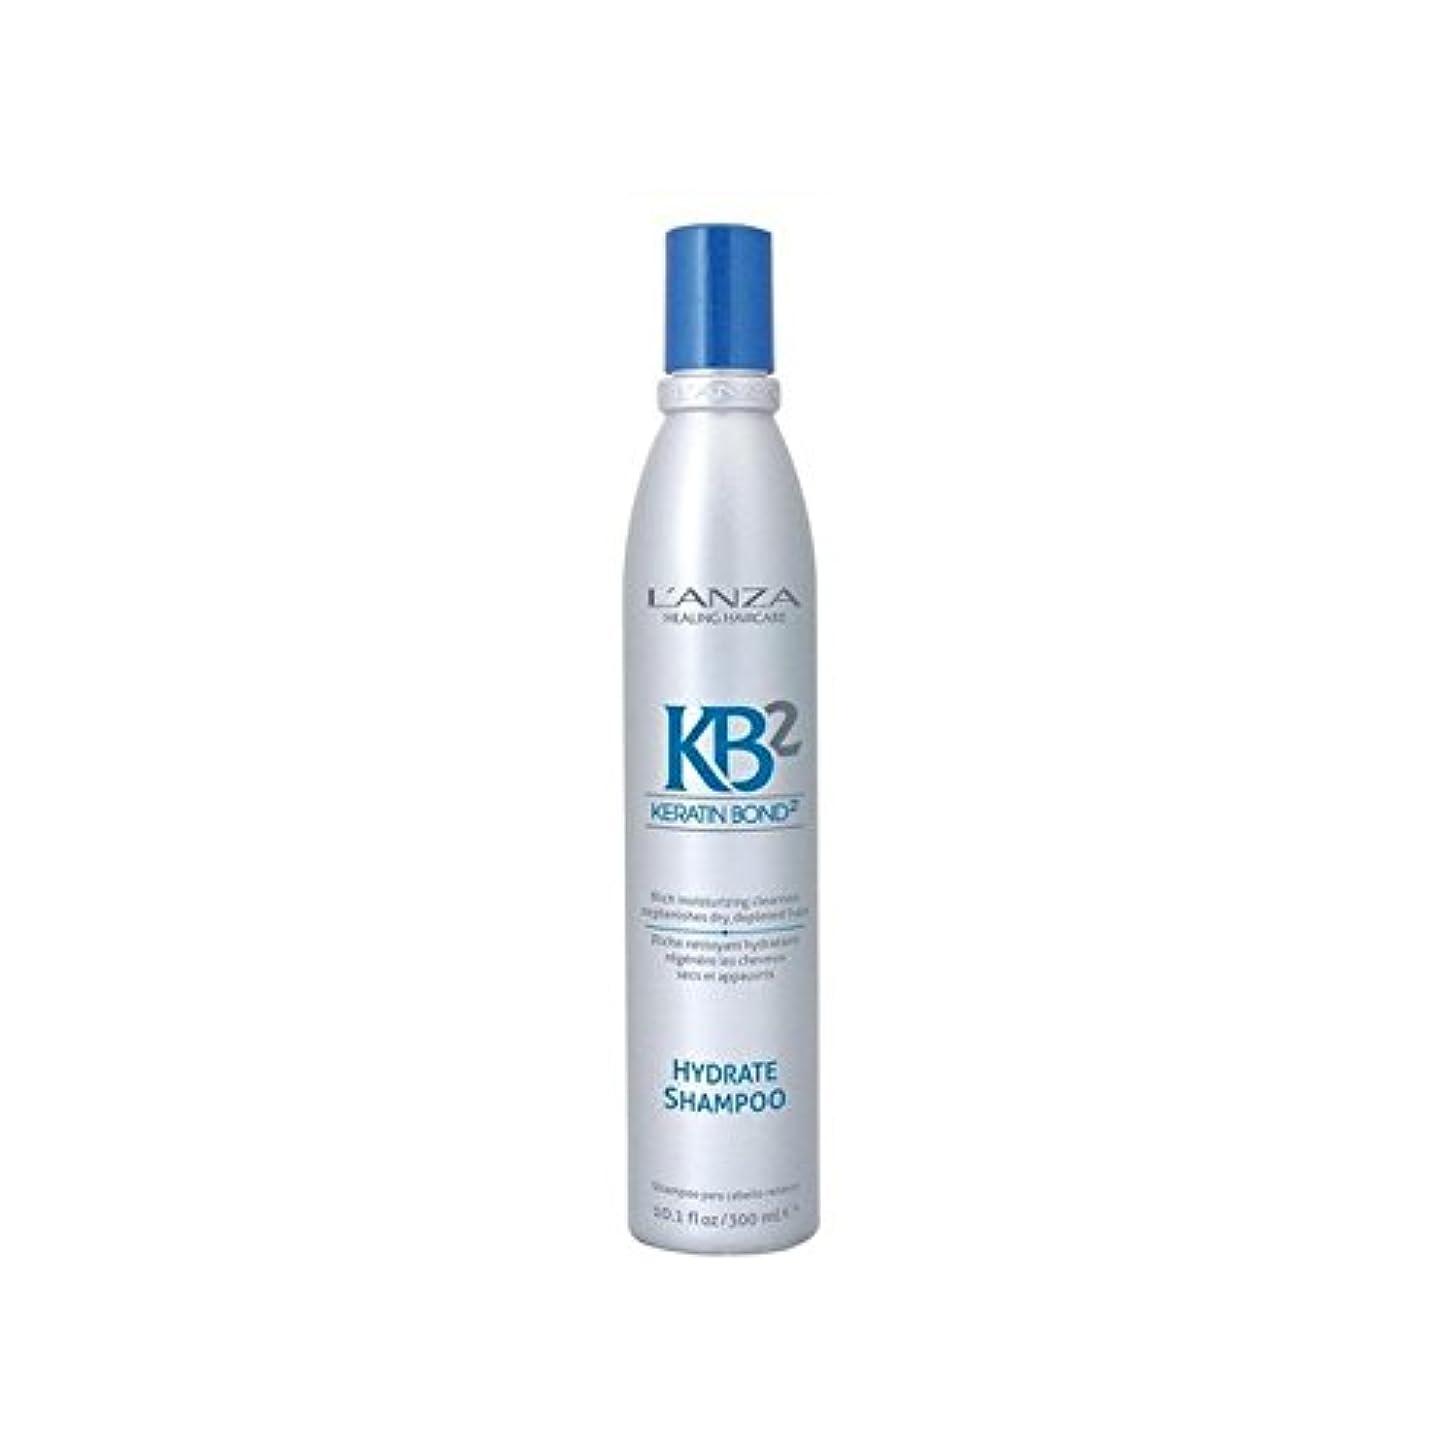 申請者申請者まとめるL'Anza Kb2 Hydrate Shampoo (300ml) - アンザ2和物シャンプー(300ミリリットル) [並行輸入品]